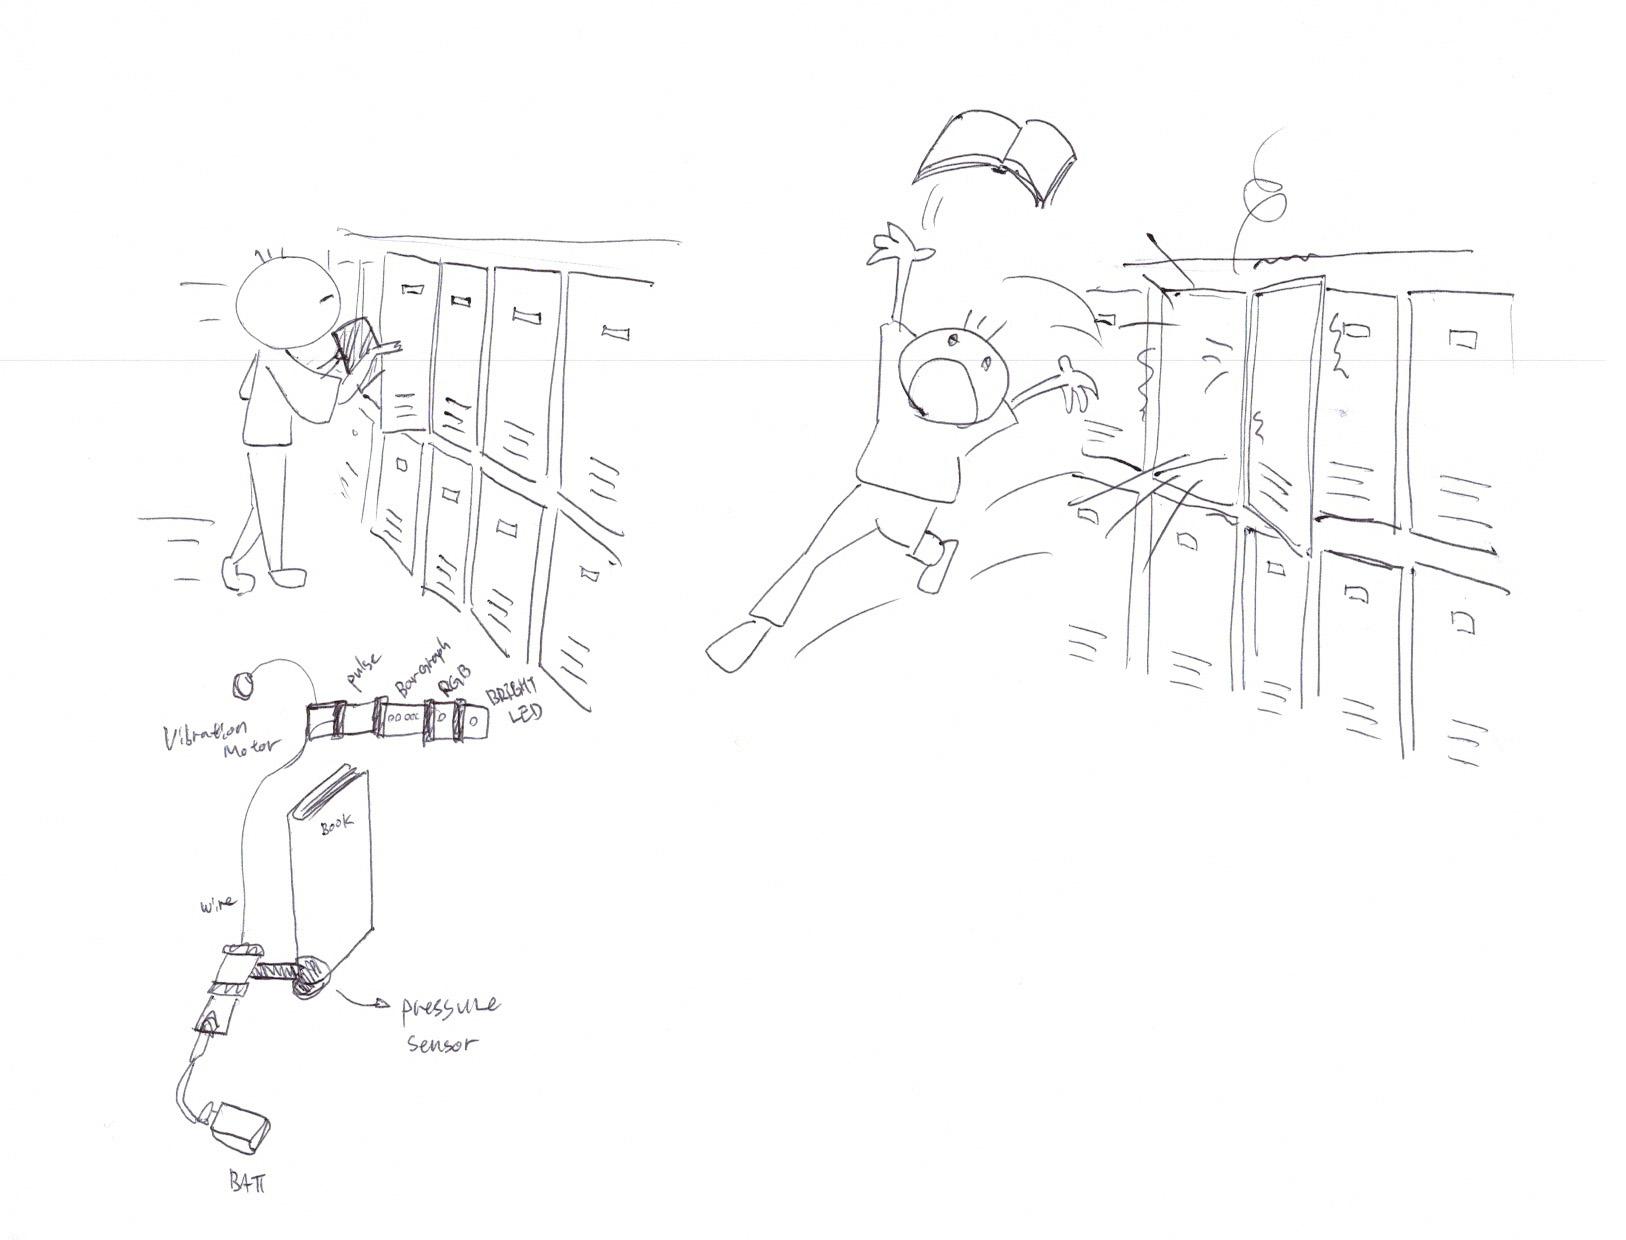 locker prank  a littlebits project by littlebits